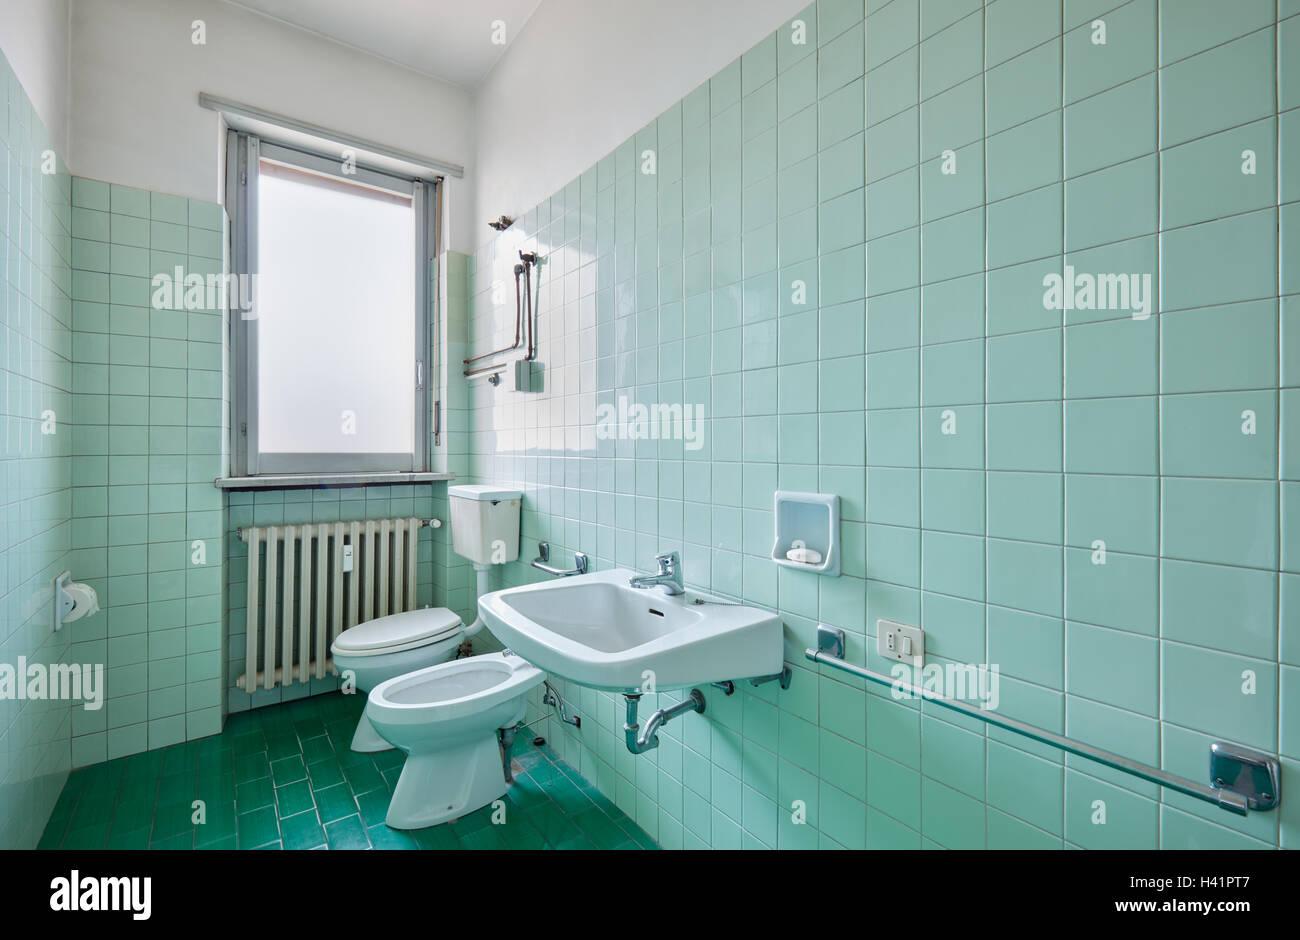 Badezimmer Fliesen Weiß Grün | Badezimmer Blau Grau Badezimmer ...